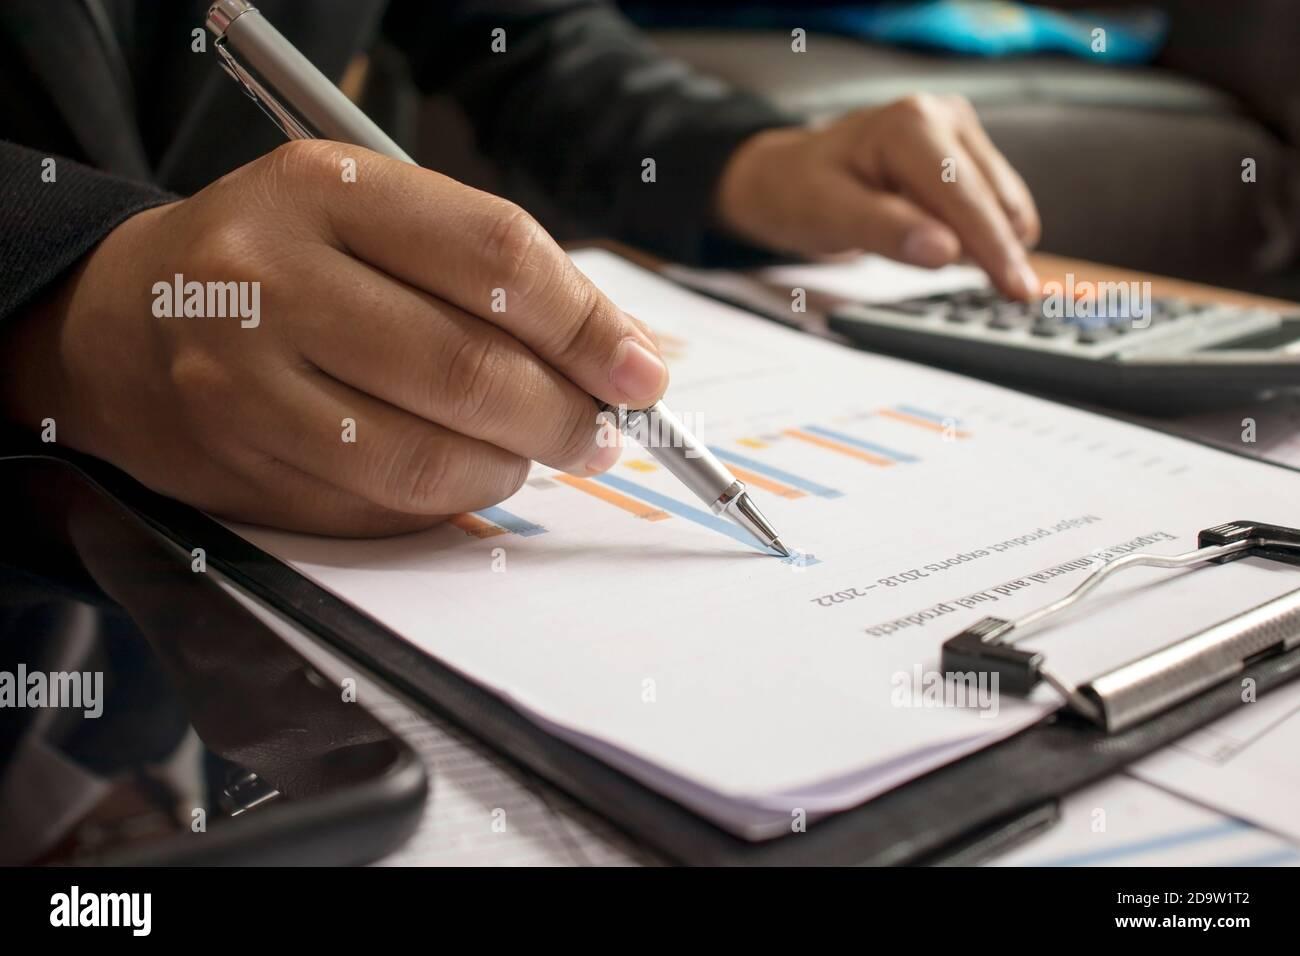 Les gens d'affaires examinent les rapports, les documents financiers pour l'analyse de l'information financière, le concept de travail. Banque D'Images